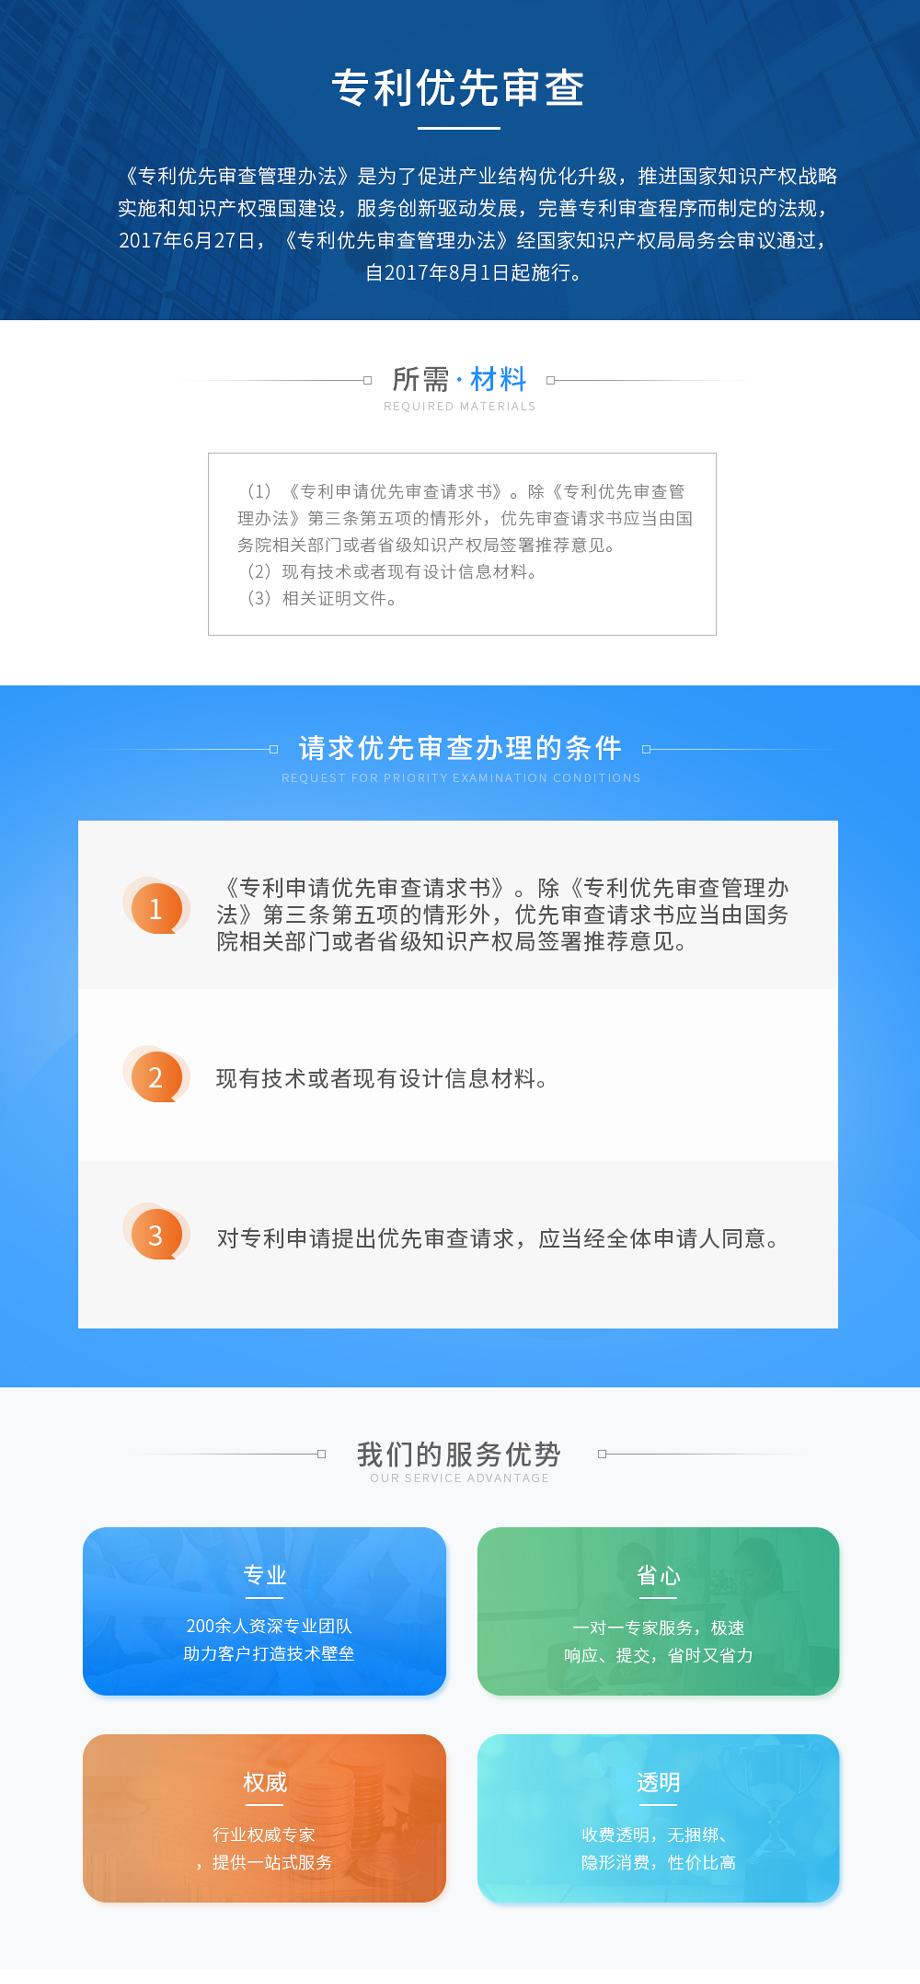 专利申请优先审查_01.jpg